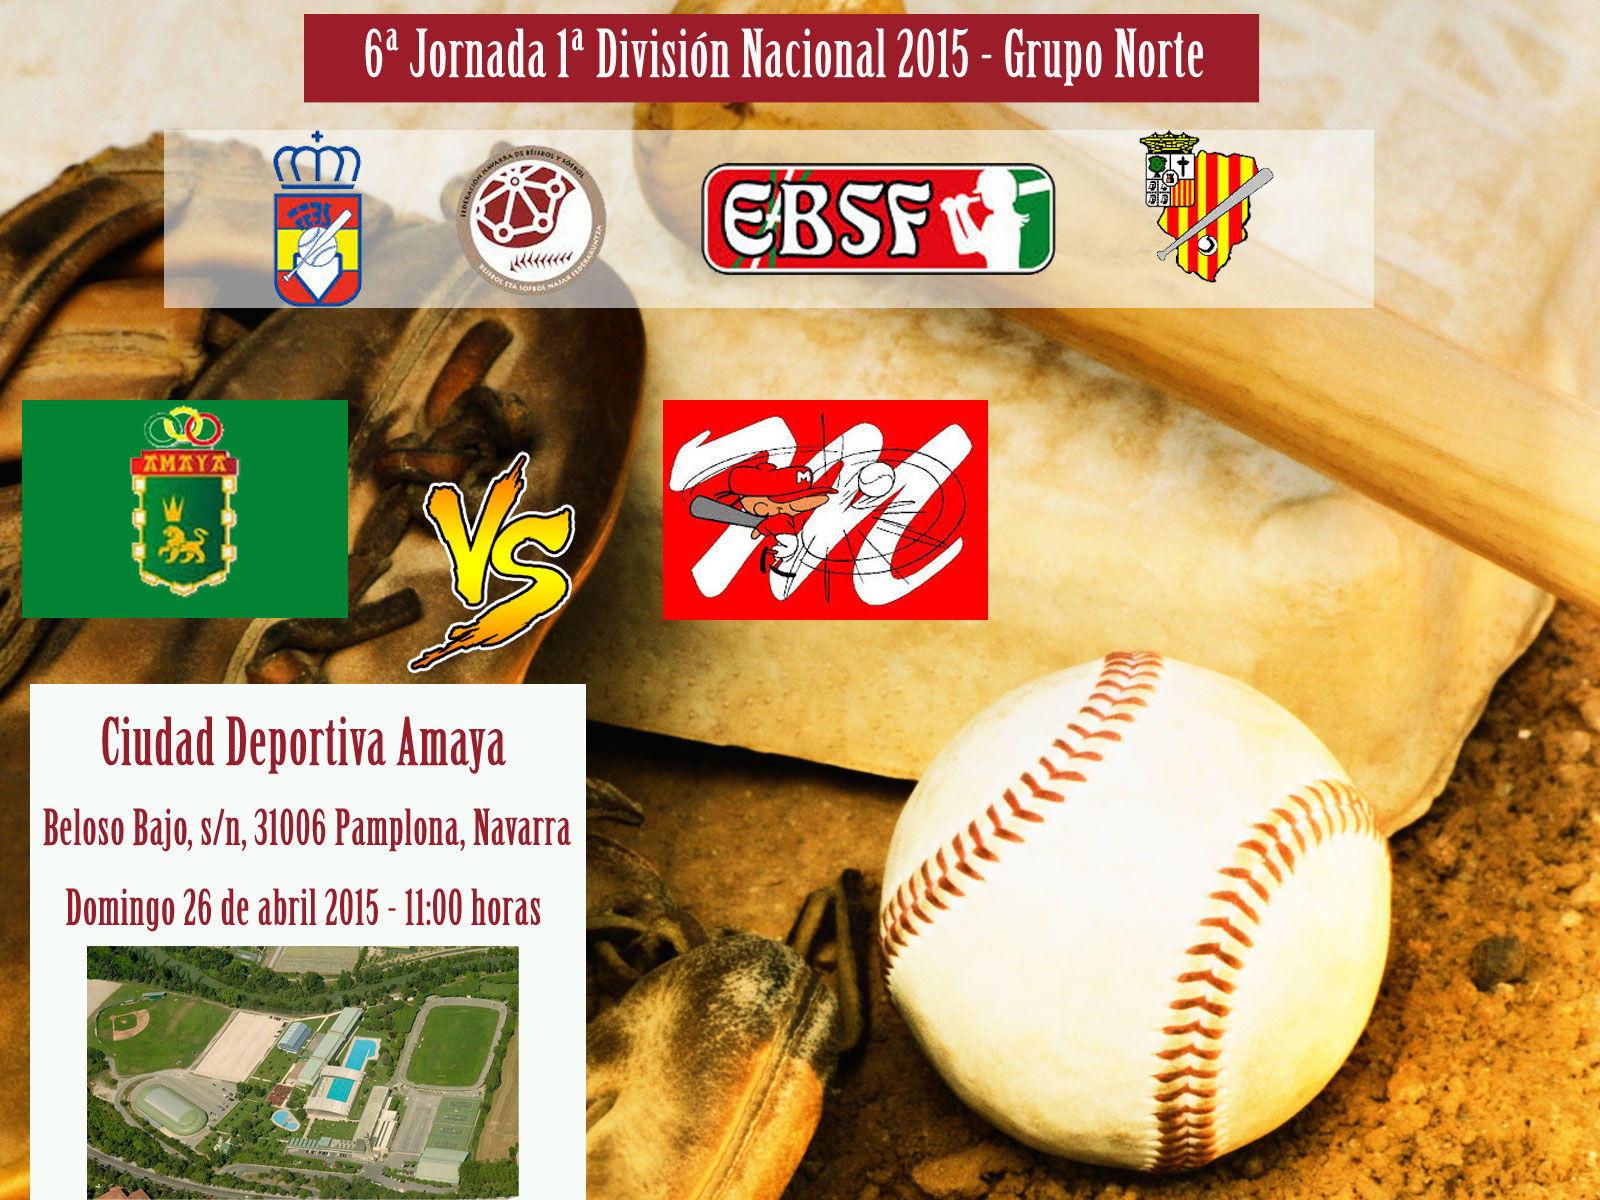 http://www.beisbolmiralbueno.es/wp-content/uploads/2015/04/cartel-partido-amaya-miralbueno.jpg